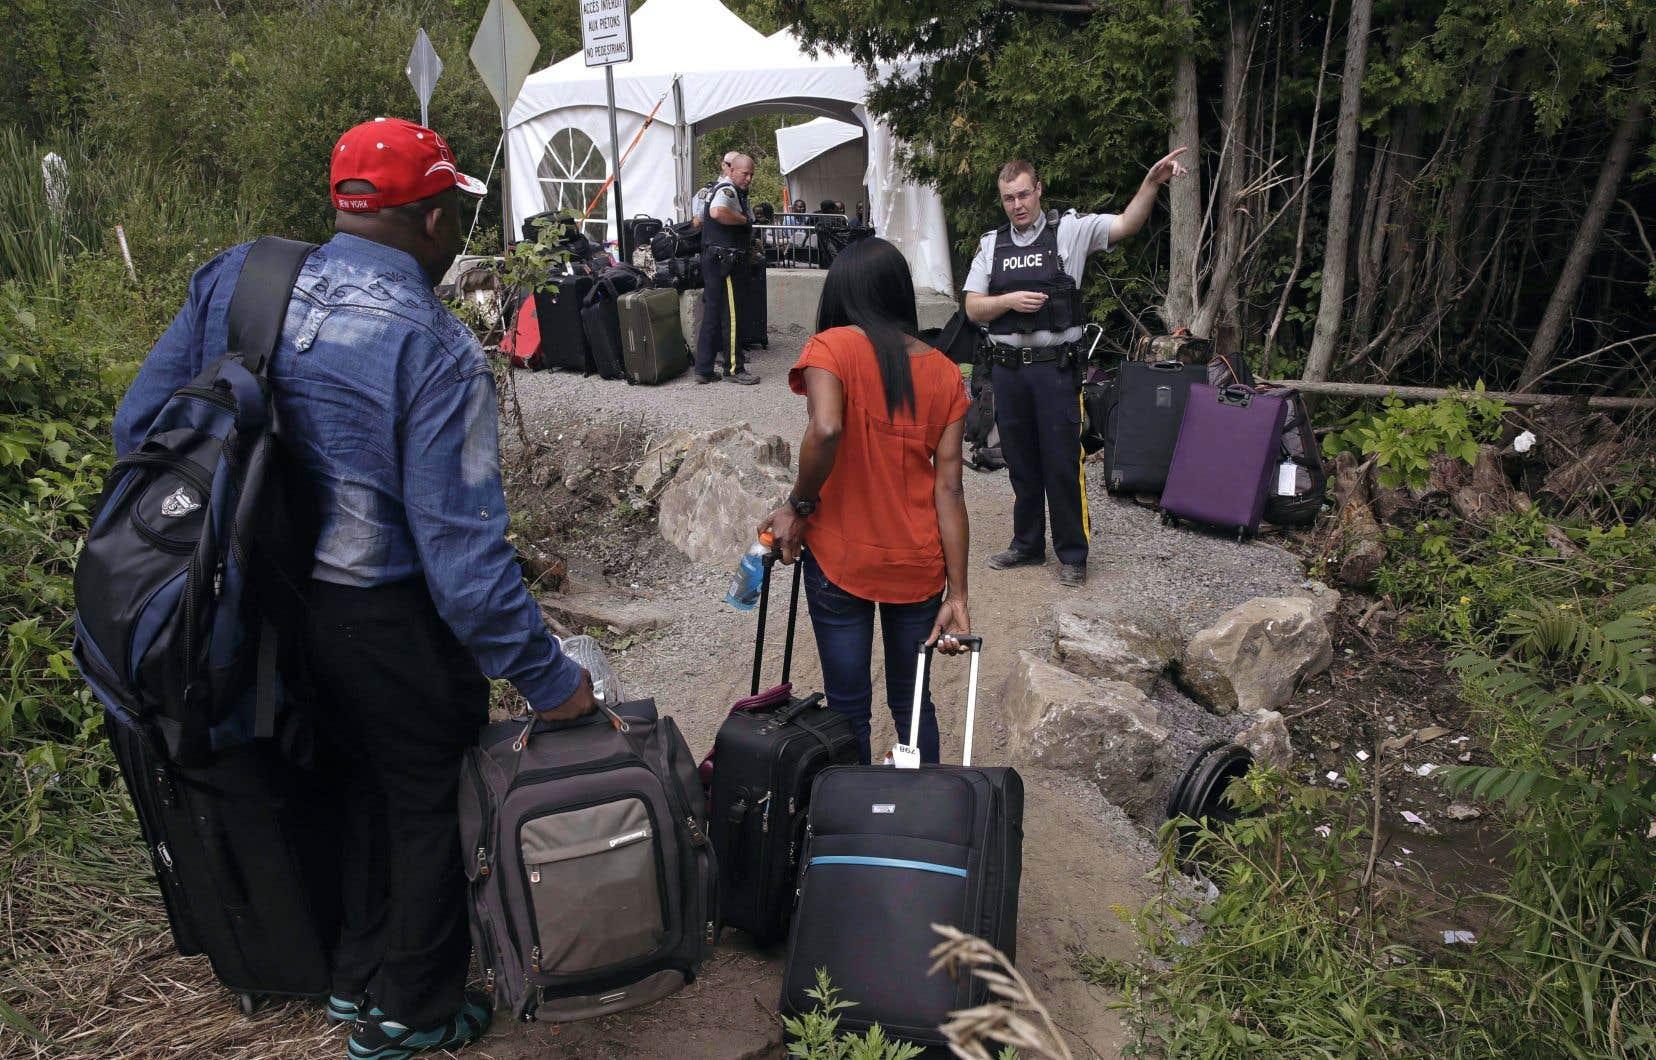 Le directeur parlementaire du budget a calculé combien Ottawa doit débourser pour l'ensemble du processus de demandes d'asile, de l'entrée d'un migrant au chemin Roxham jusqu'à ce que sa demande soit traitée.